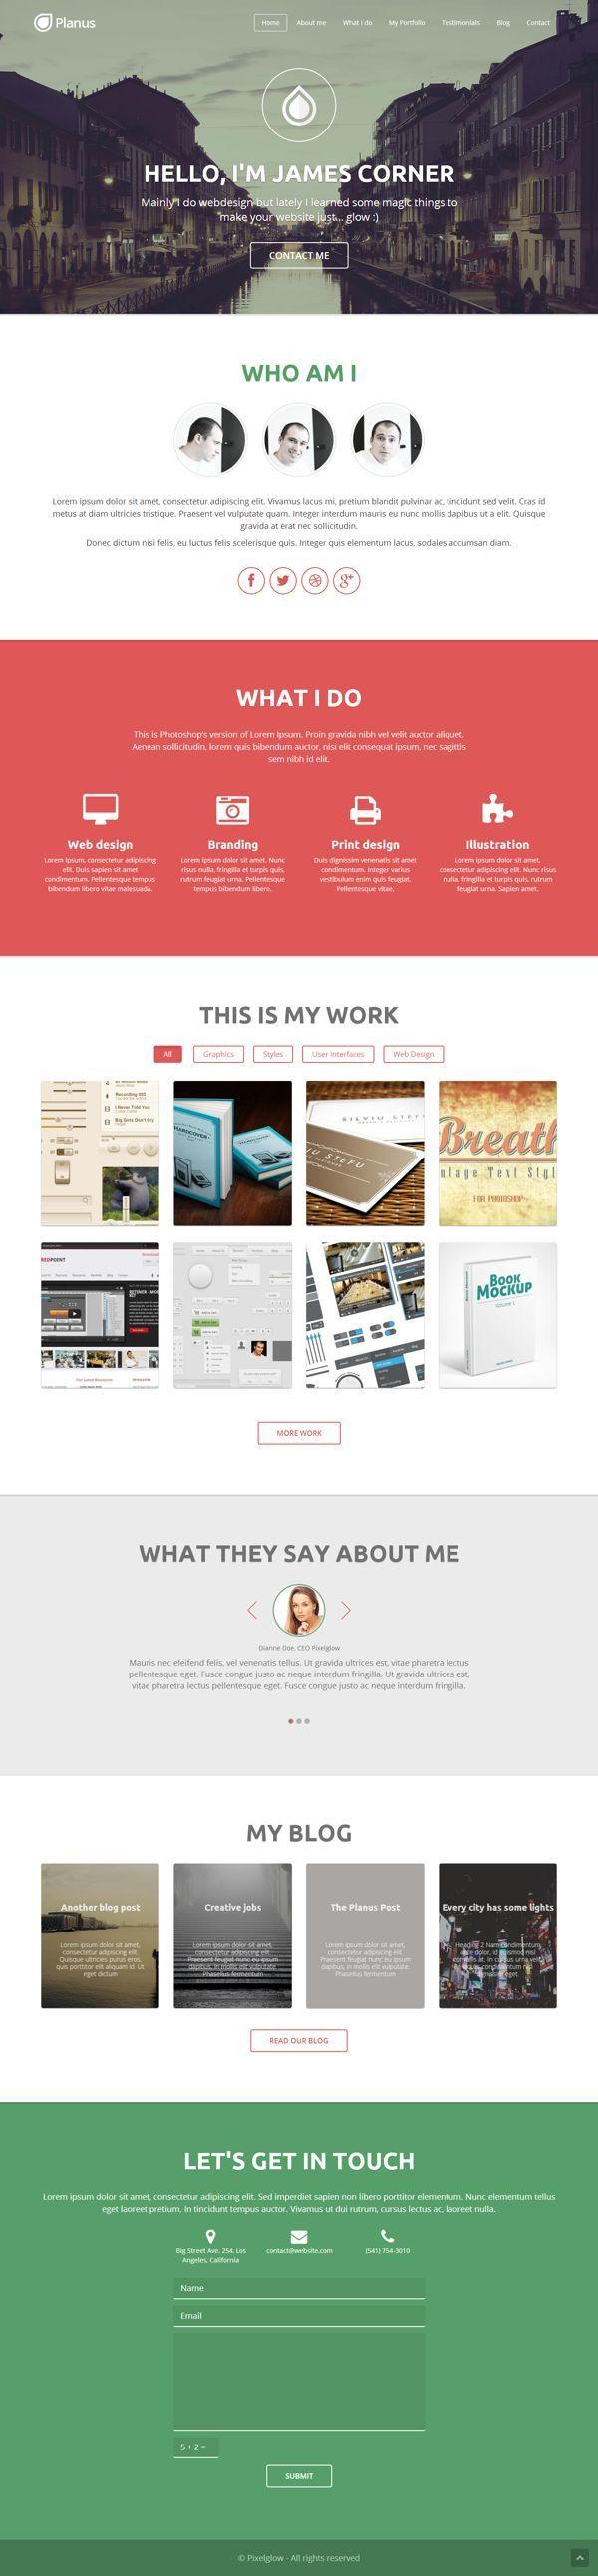 Check Out Some Website Designs Personal Portfolio Examples Free Online Portfolio Websites P Portfolio Web Design Web Development Design Web Layout Design